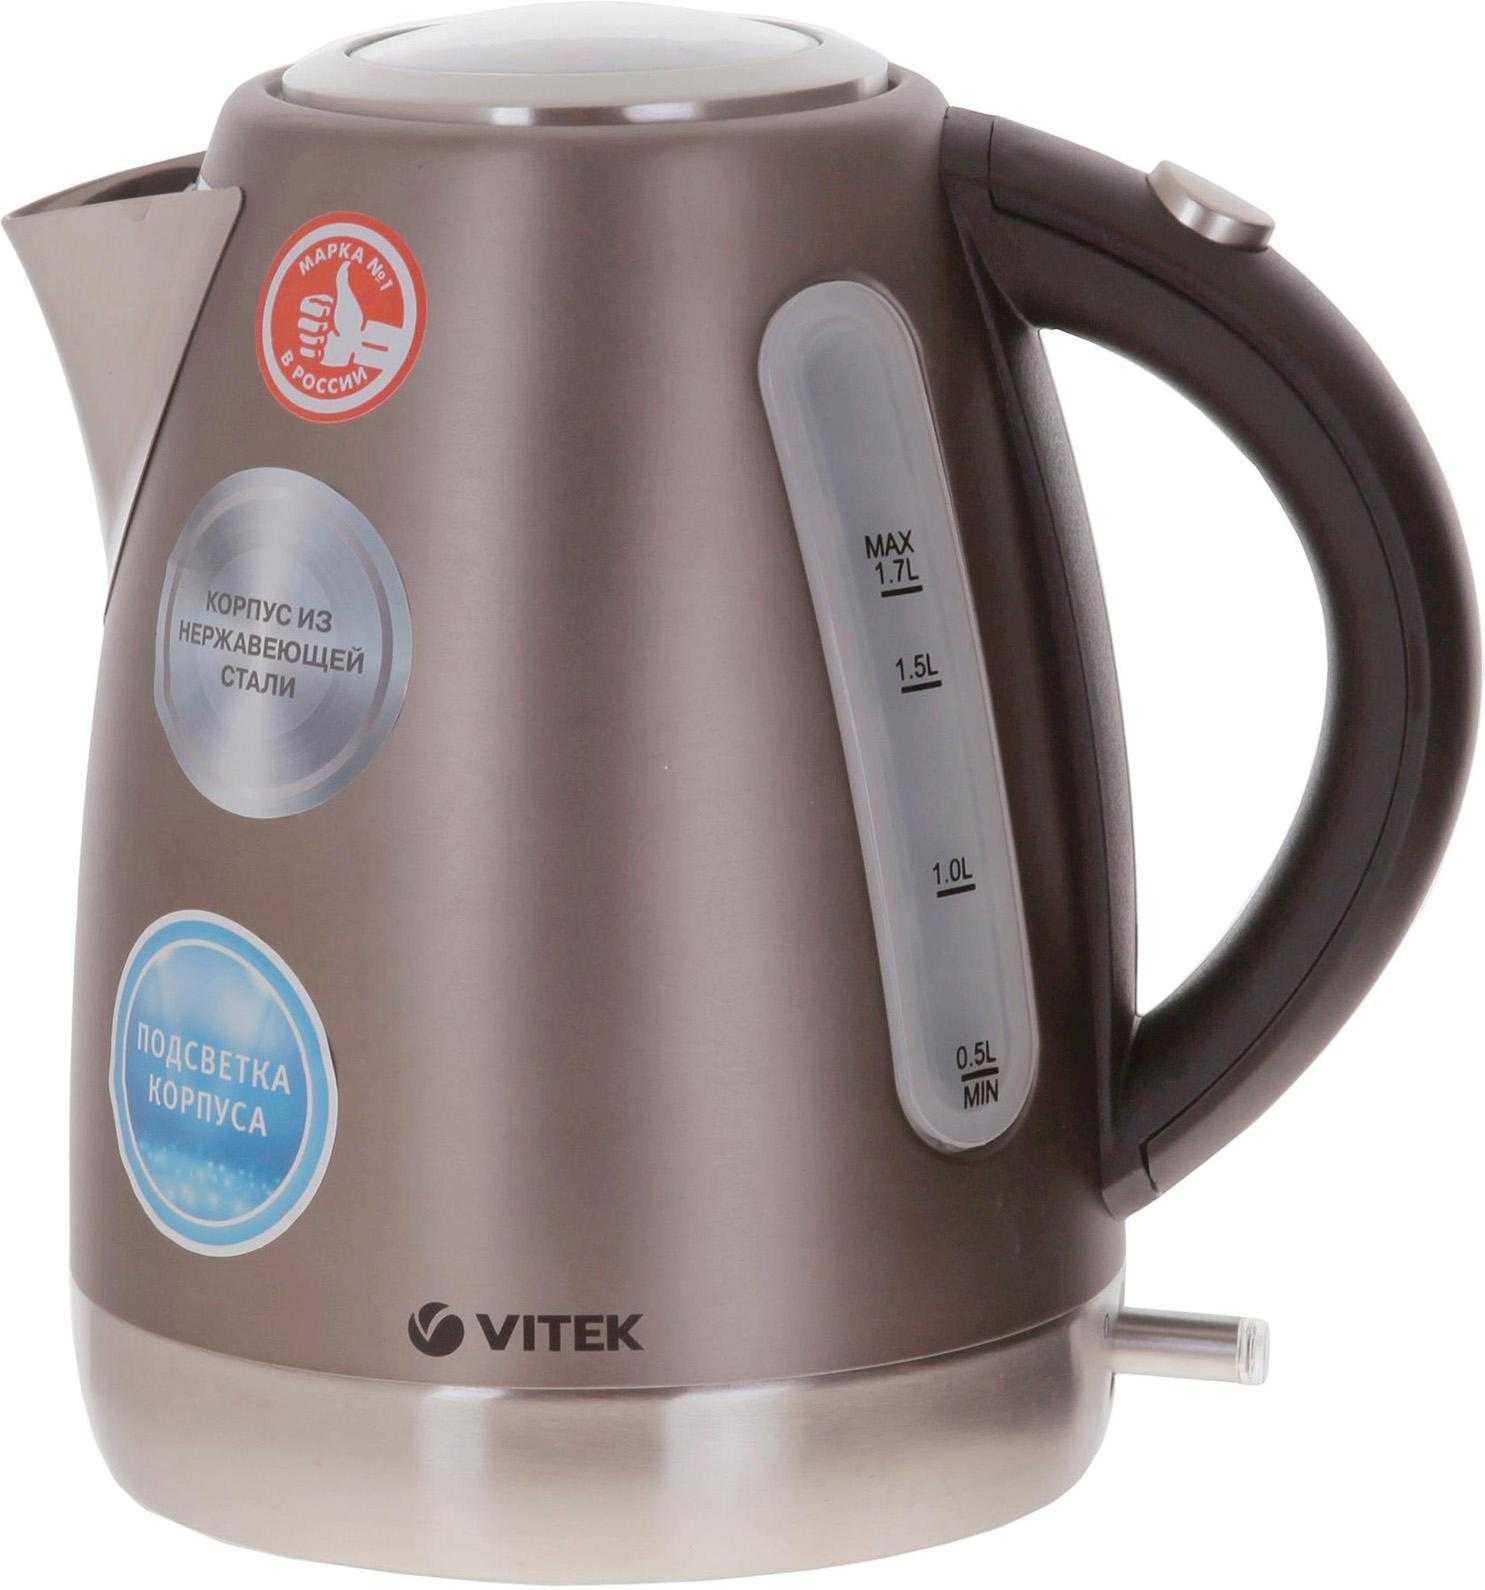 Vitek VT-7025(ST) электрочайникVT-7025(ST)Ни одна современная кухня не обходится без надежного электрочайника. При помощи этого устройства вы быстро вскипятите или подогреете воду для приготовления любимых горячих напитков. Важно, чтобы чайник соответствовал вашим потребностям: он должен быть функциональным, технологичным, надежным, а также практичным и стильным. Бренд VITEK учел желания каждого потребителя, представив на ваш выбор разнообразные модели, которые принесут в ваш дом тепло и уют!